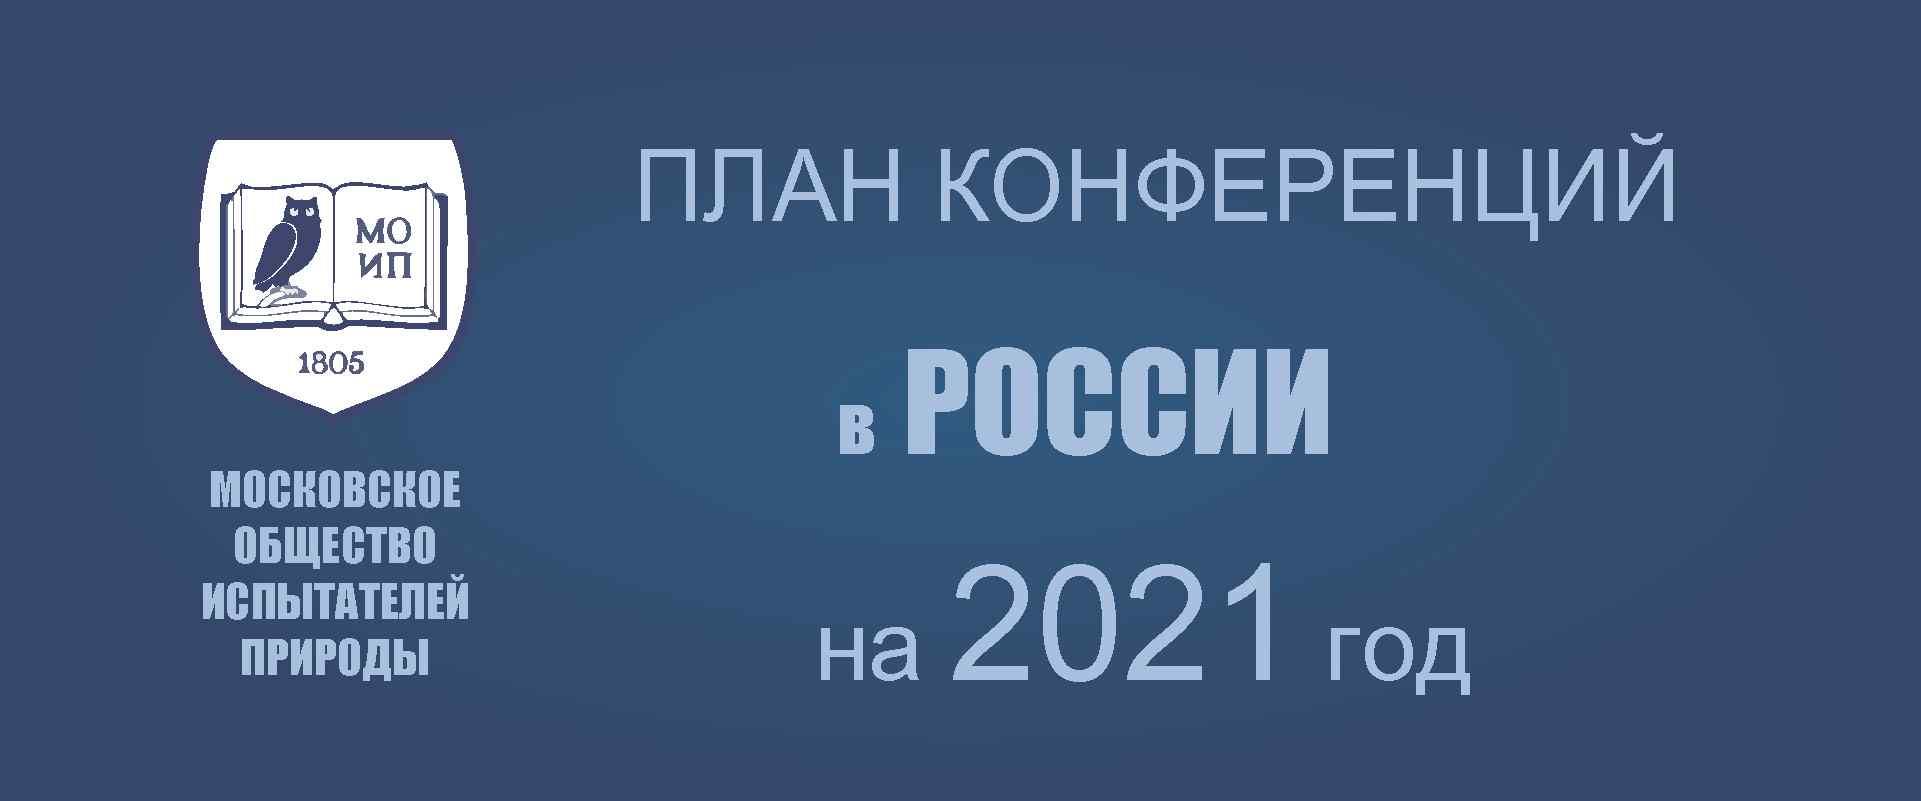 ПРЕДСТОЯЩИЕ КОНФЕРЕНЦИИ В РОССИИ 2021 ГОД